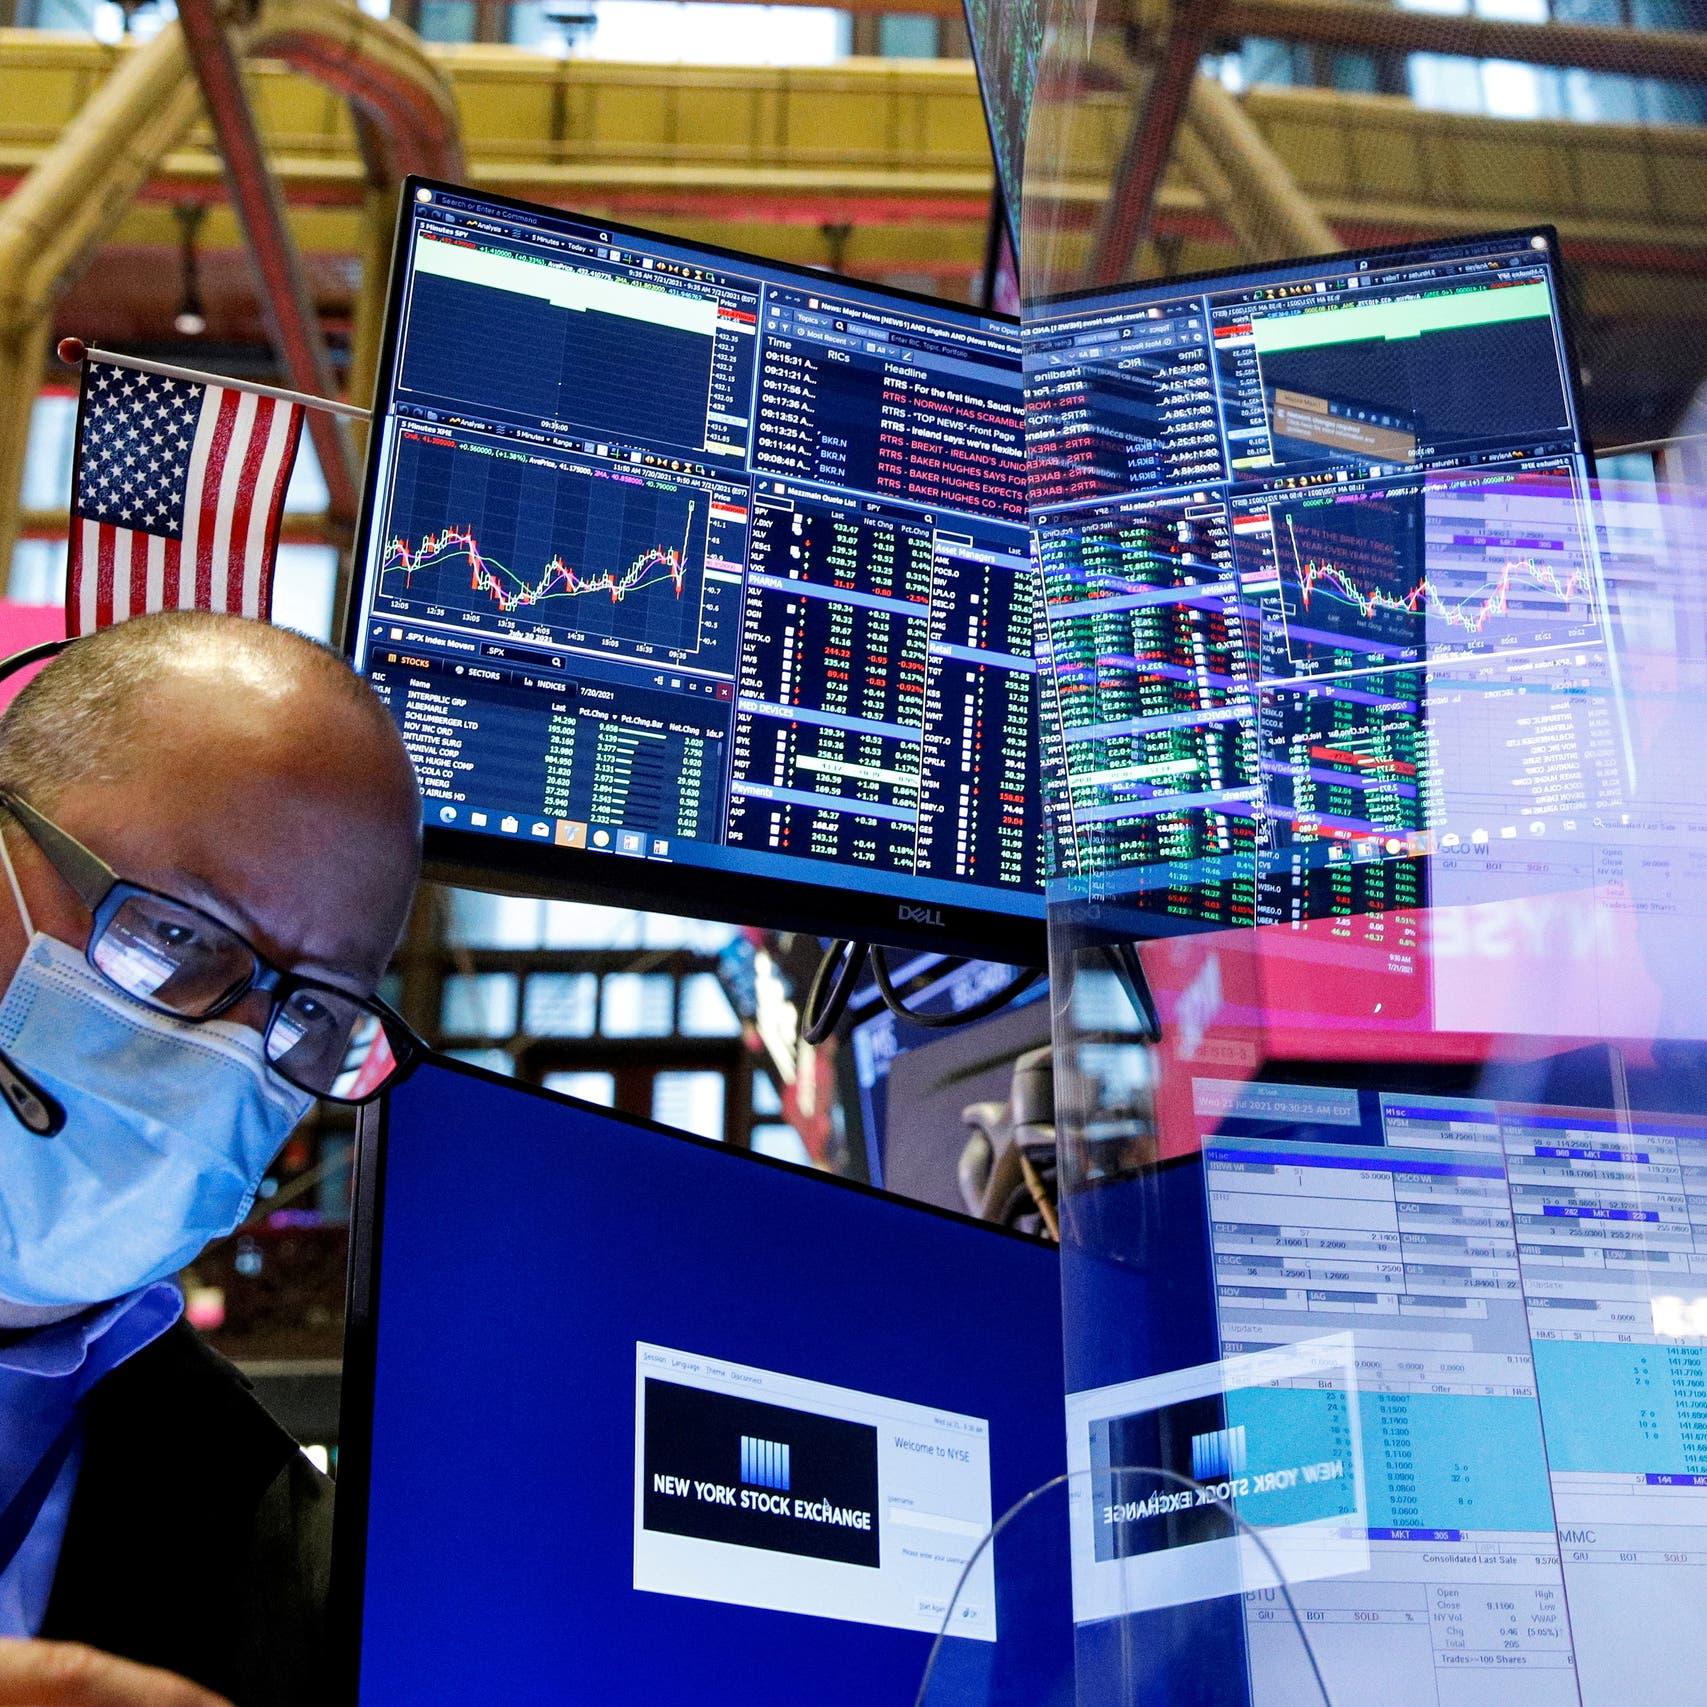 الفيدرالي يترك الأسواق في حيرة.. توقعات بموجة تصحيح حادة